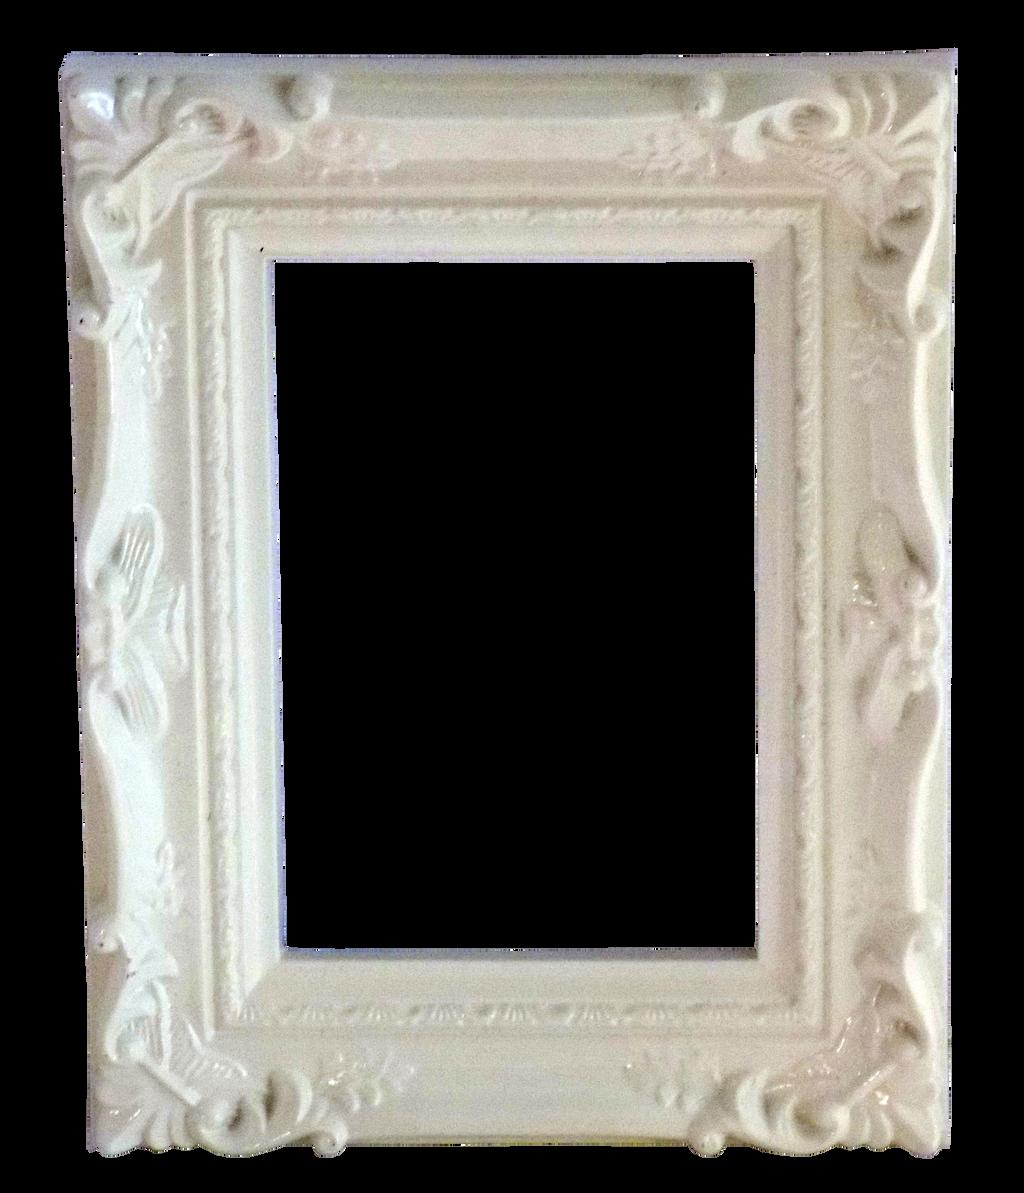 Ornate White Frame by EnchantedWhispersArt on DeviantArt